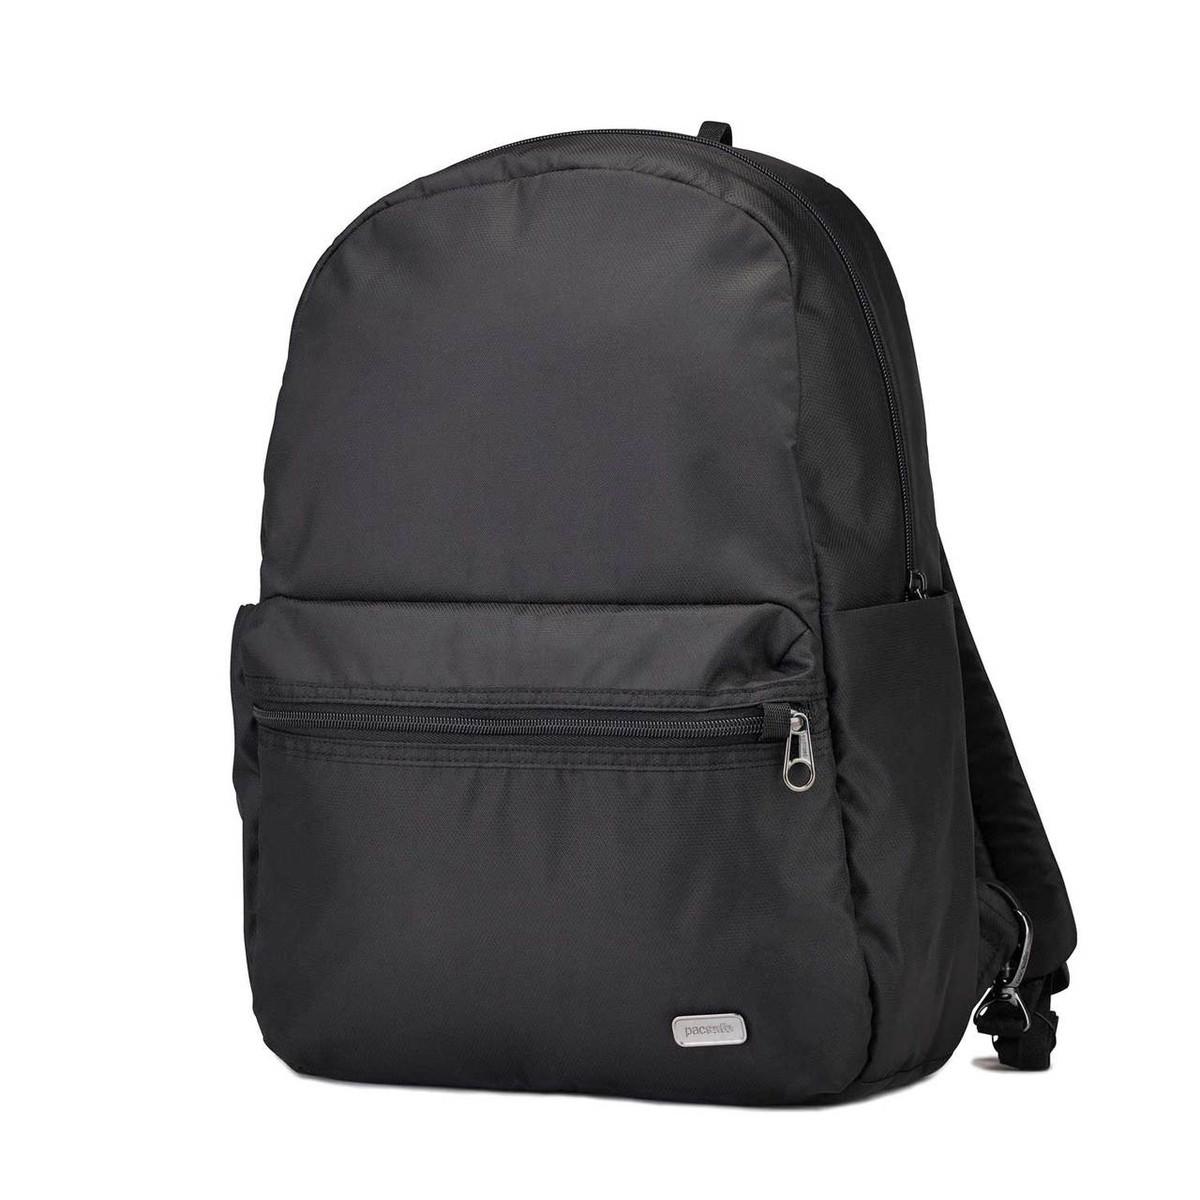 Pacsafe Daysafe Backpack